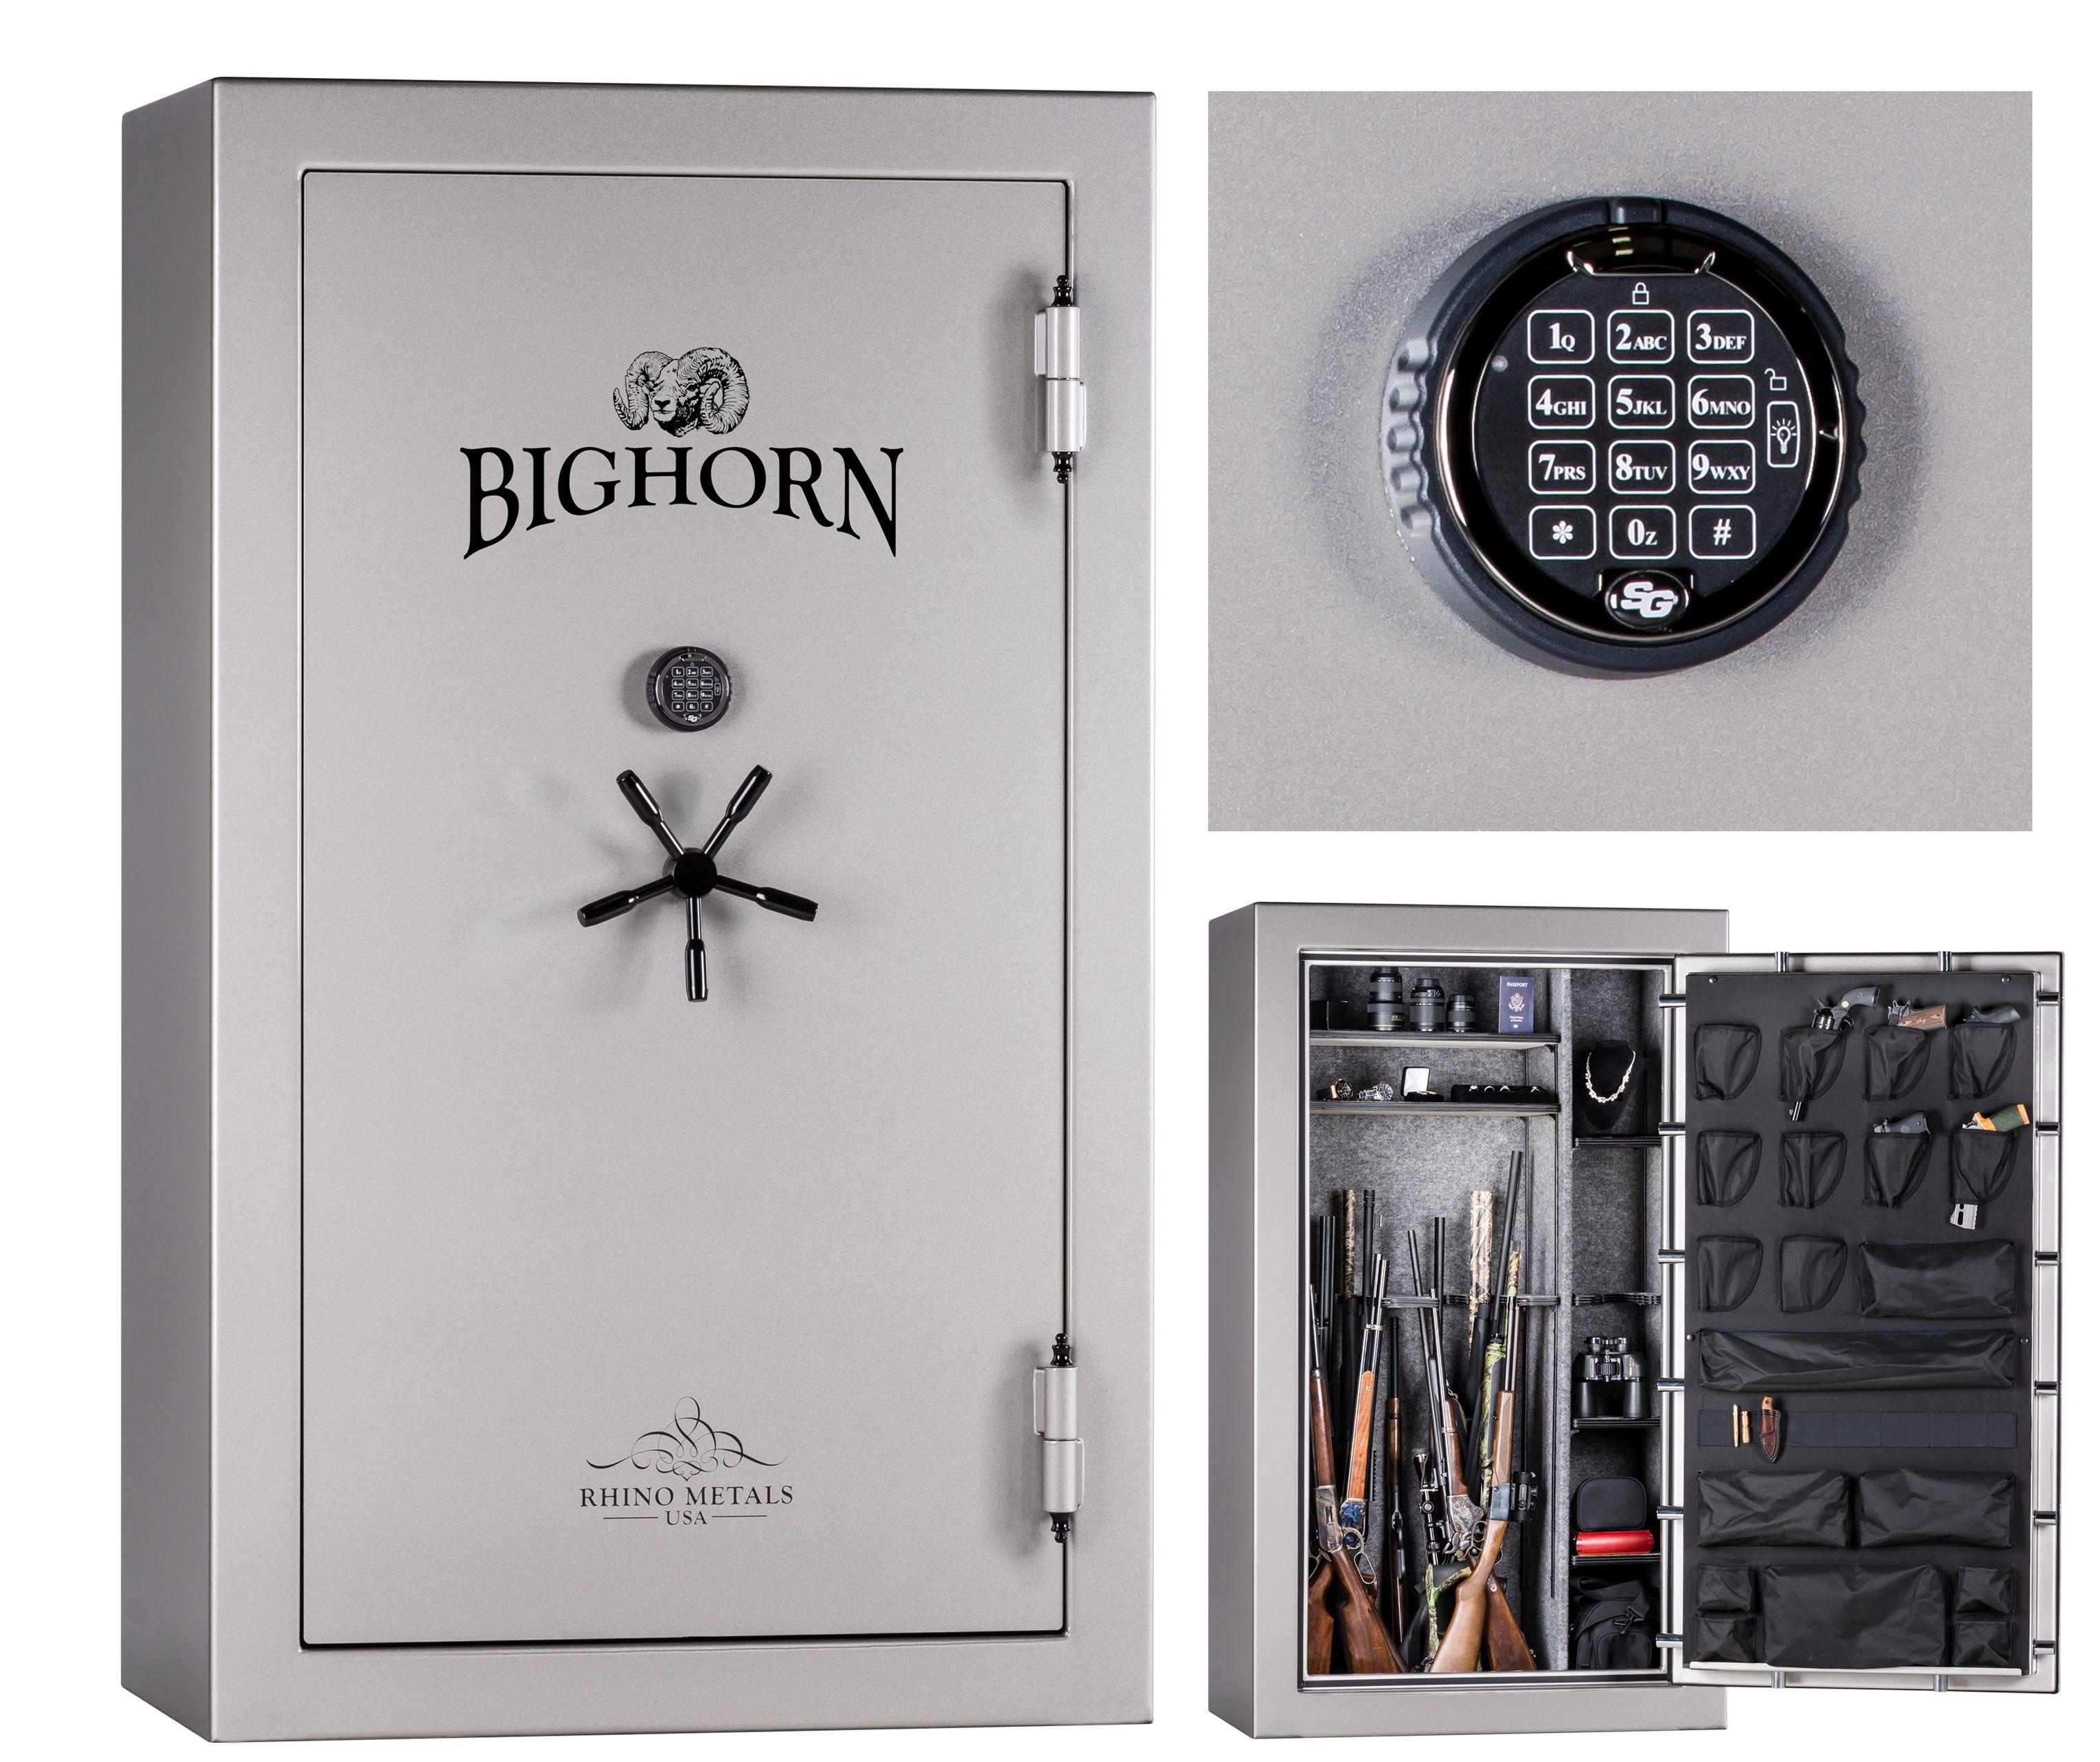 Bighorn High Gloss 47 3 CuFt Gun Safe, 120 minute Fire Rating